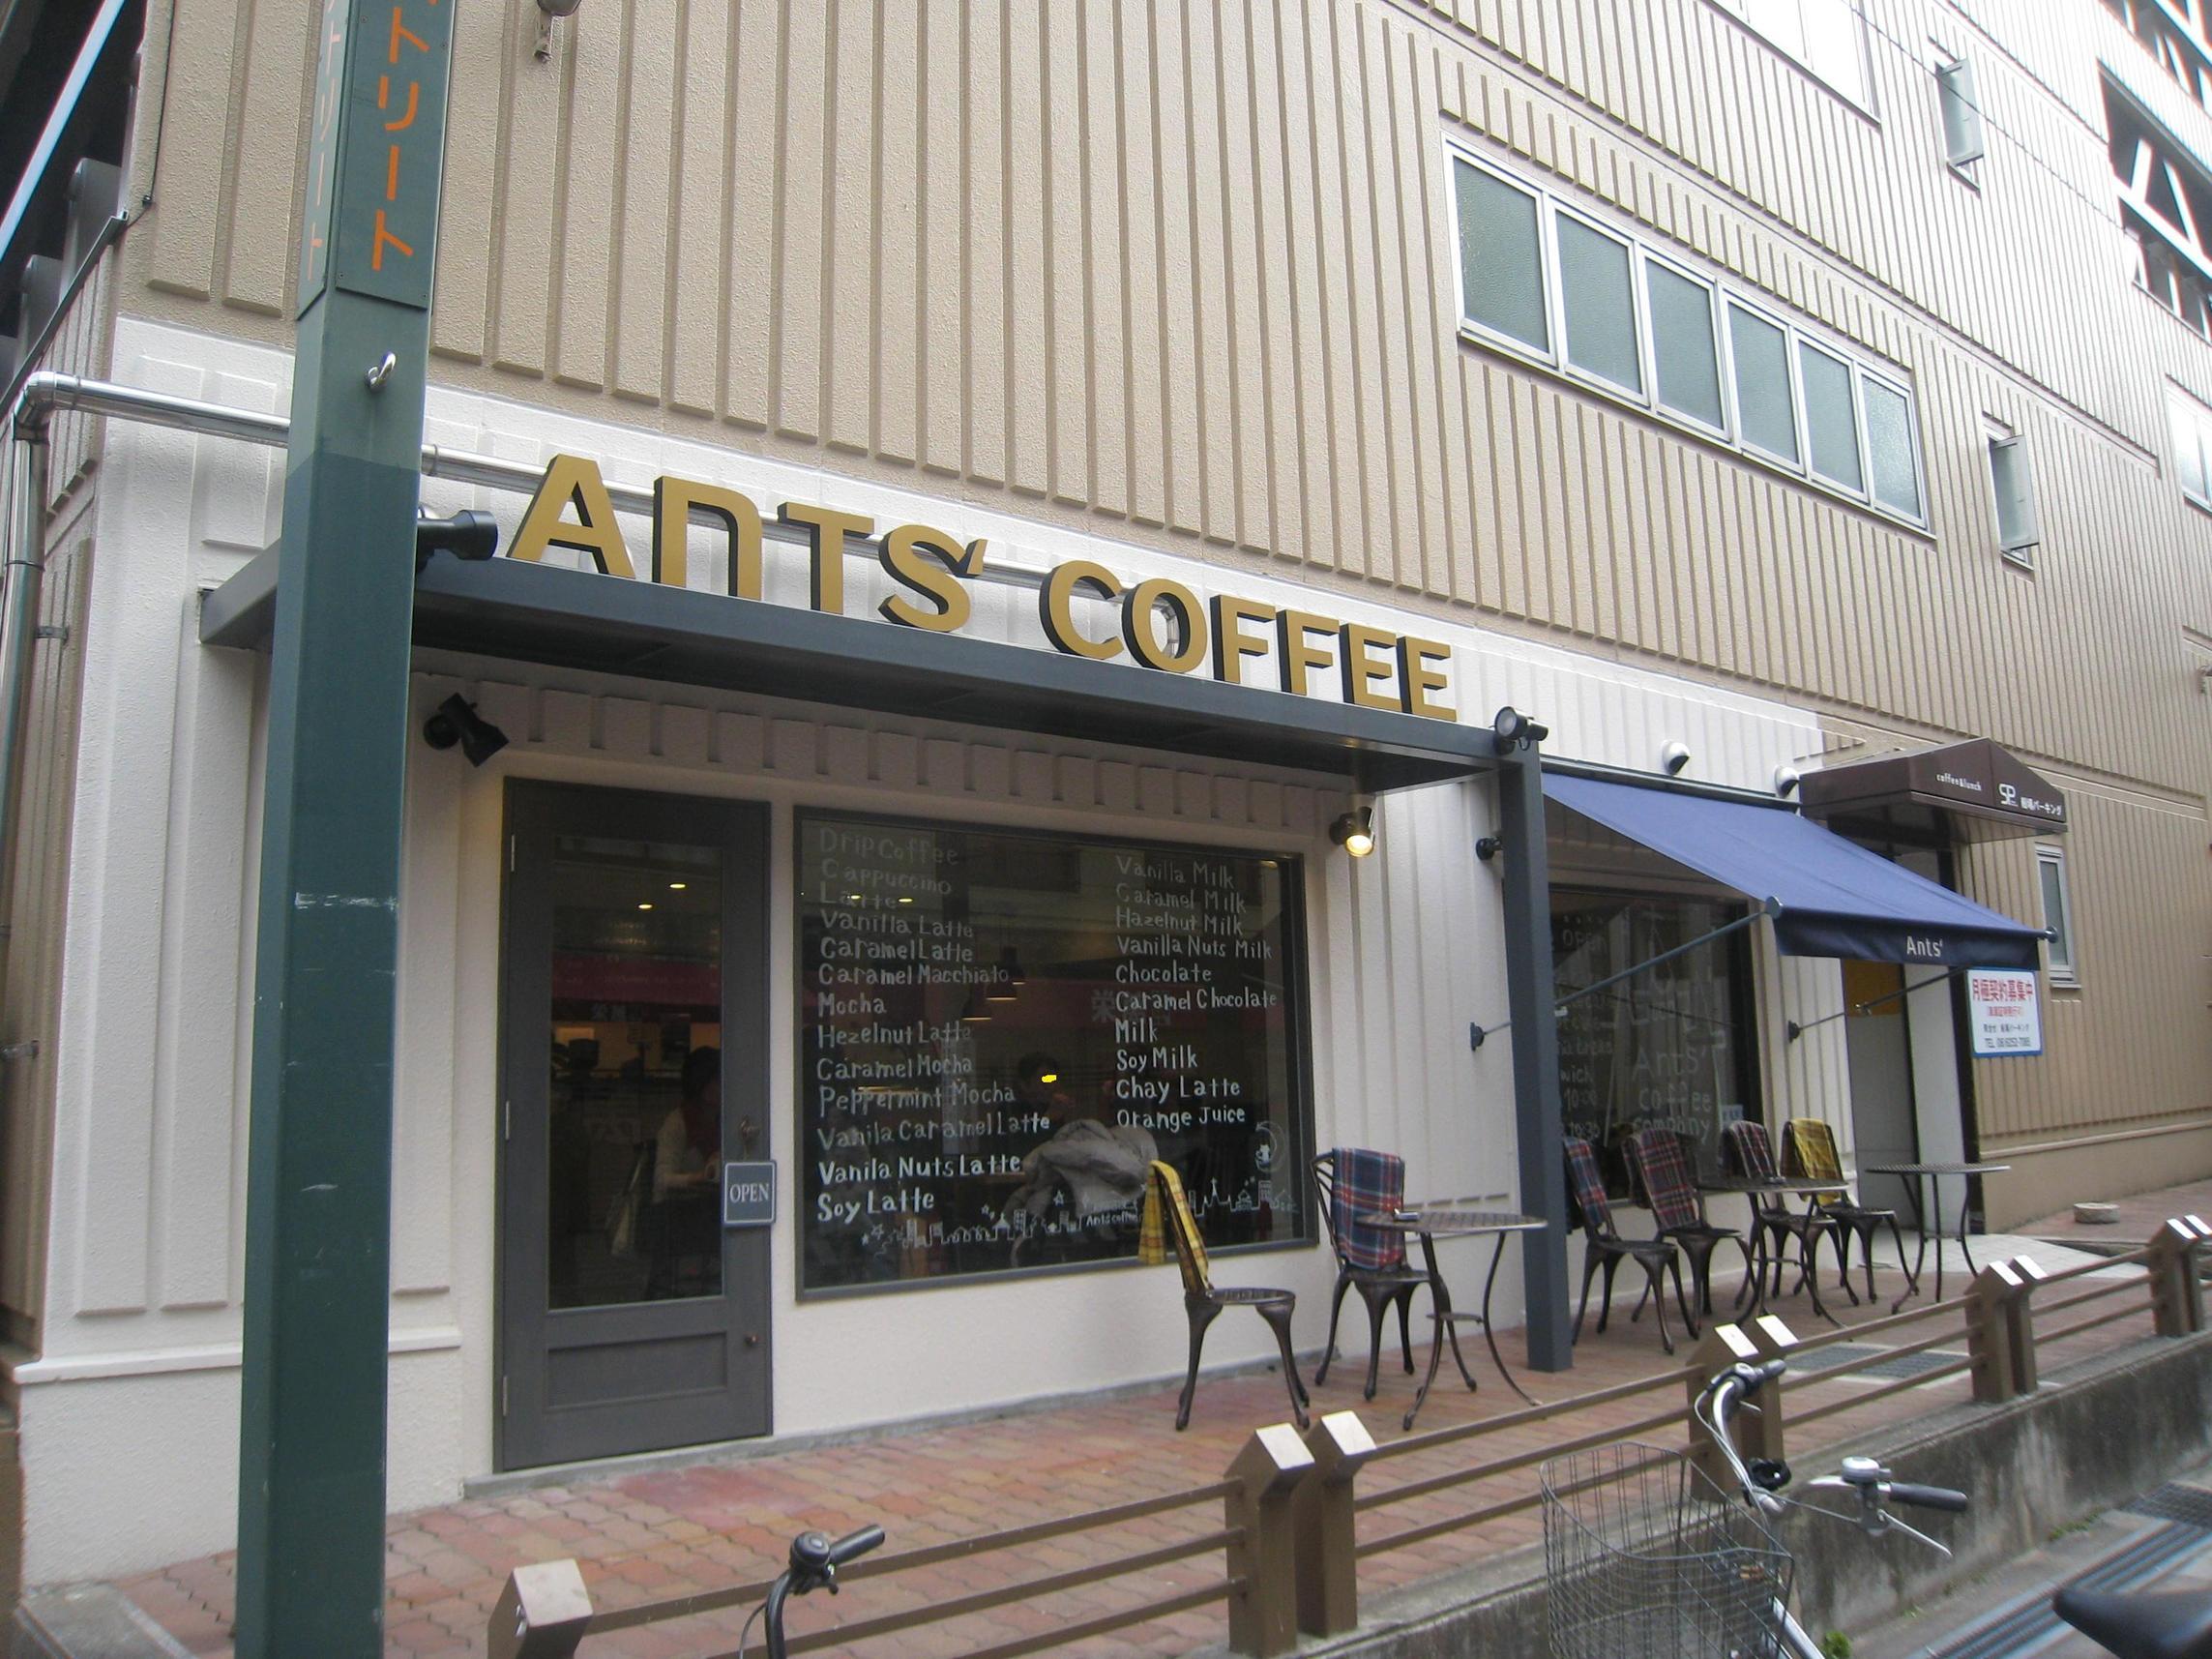 Ants' coffee company